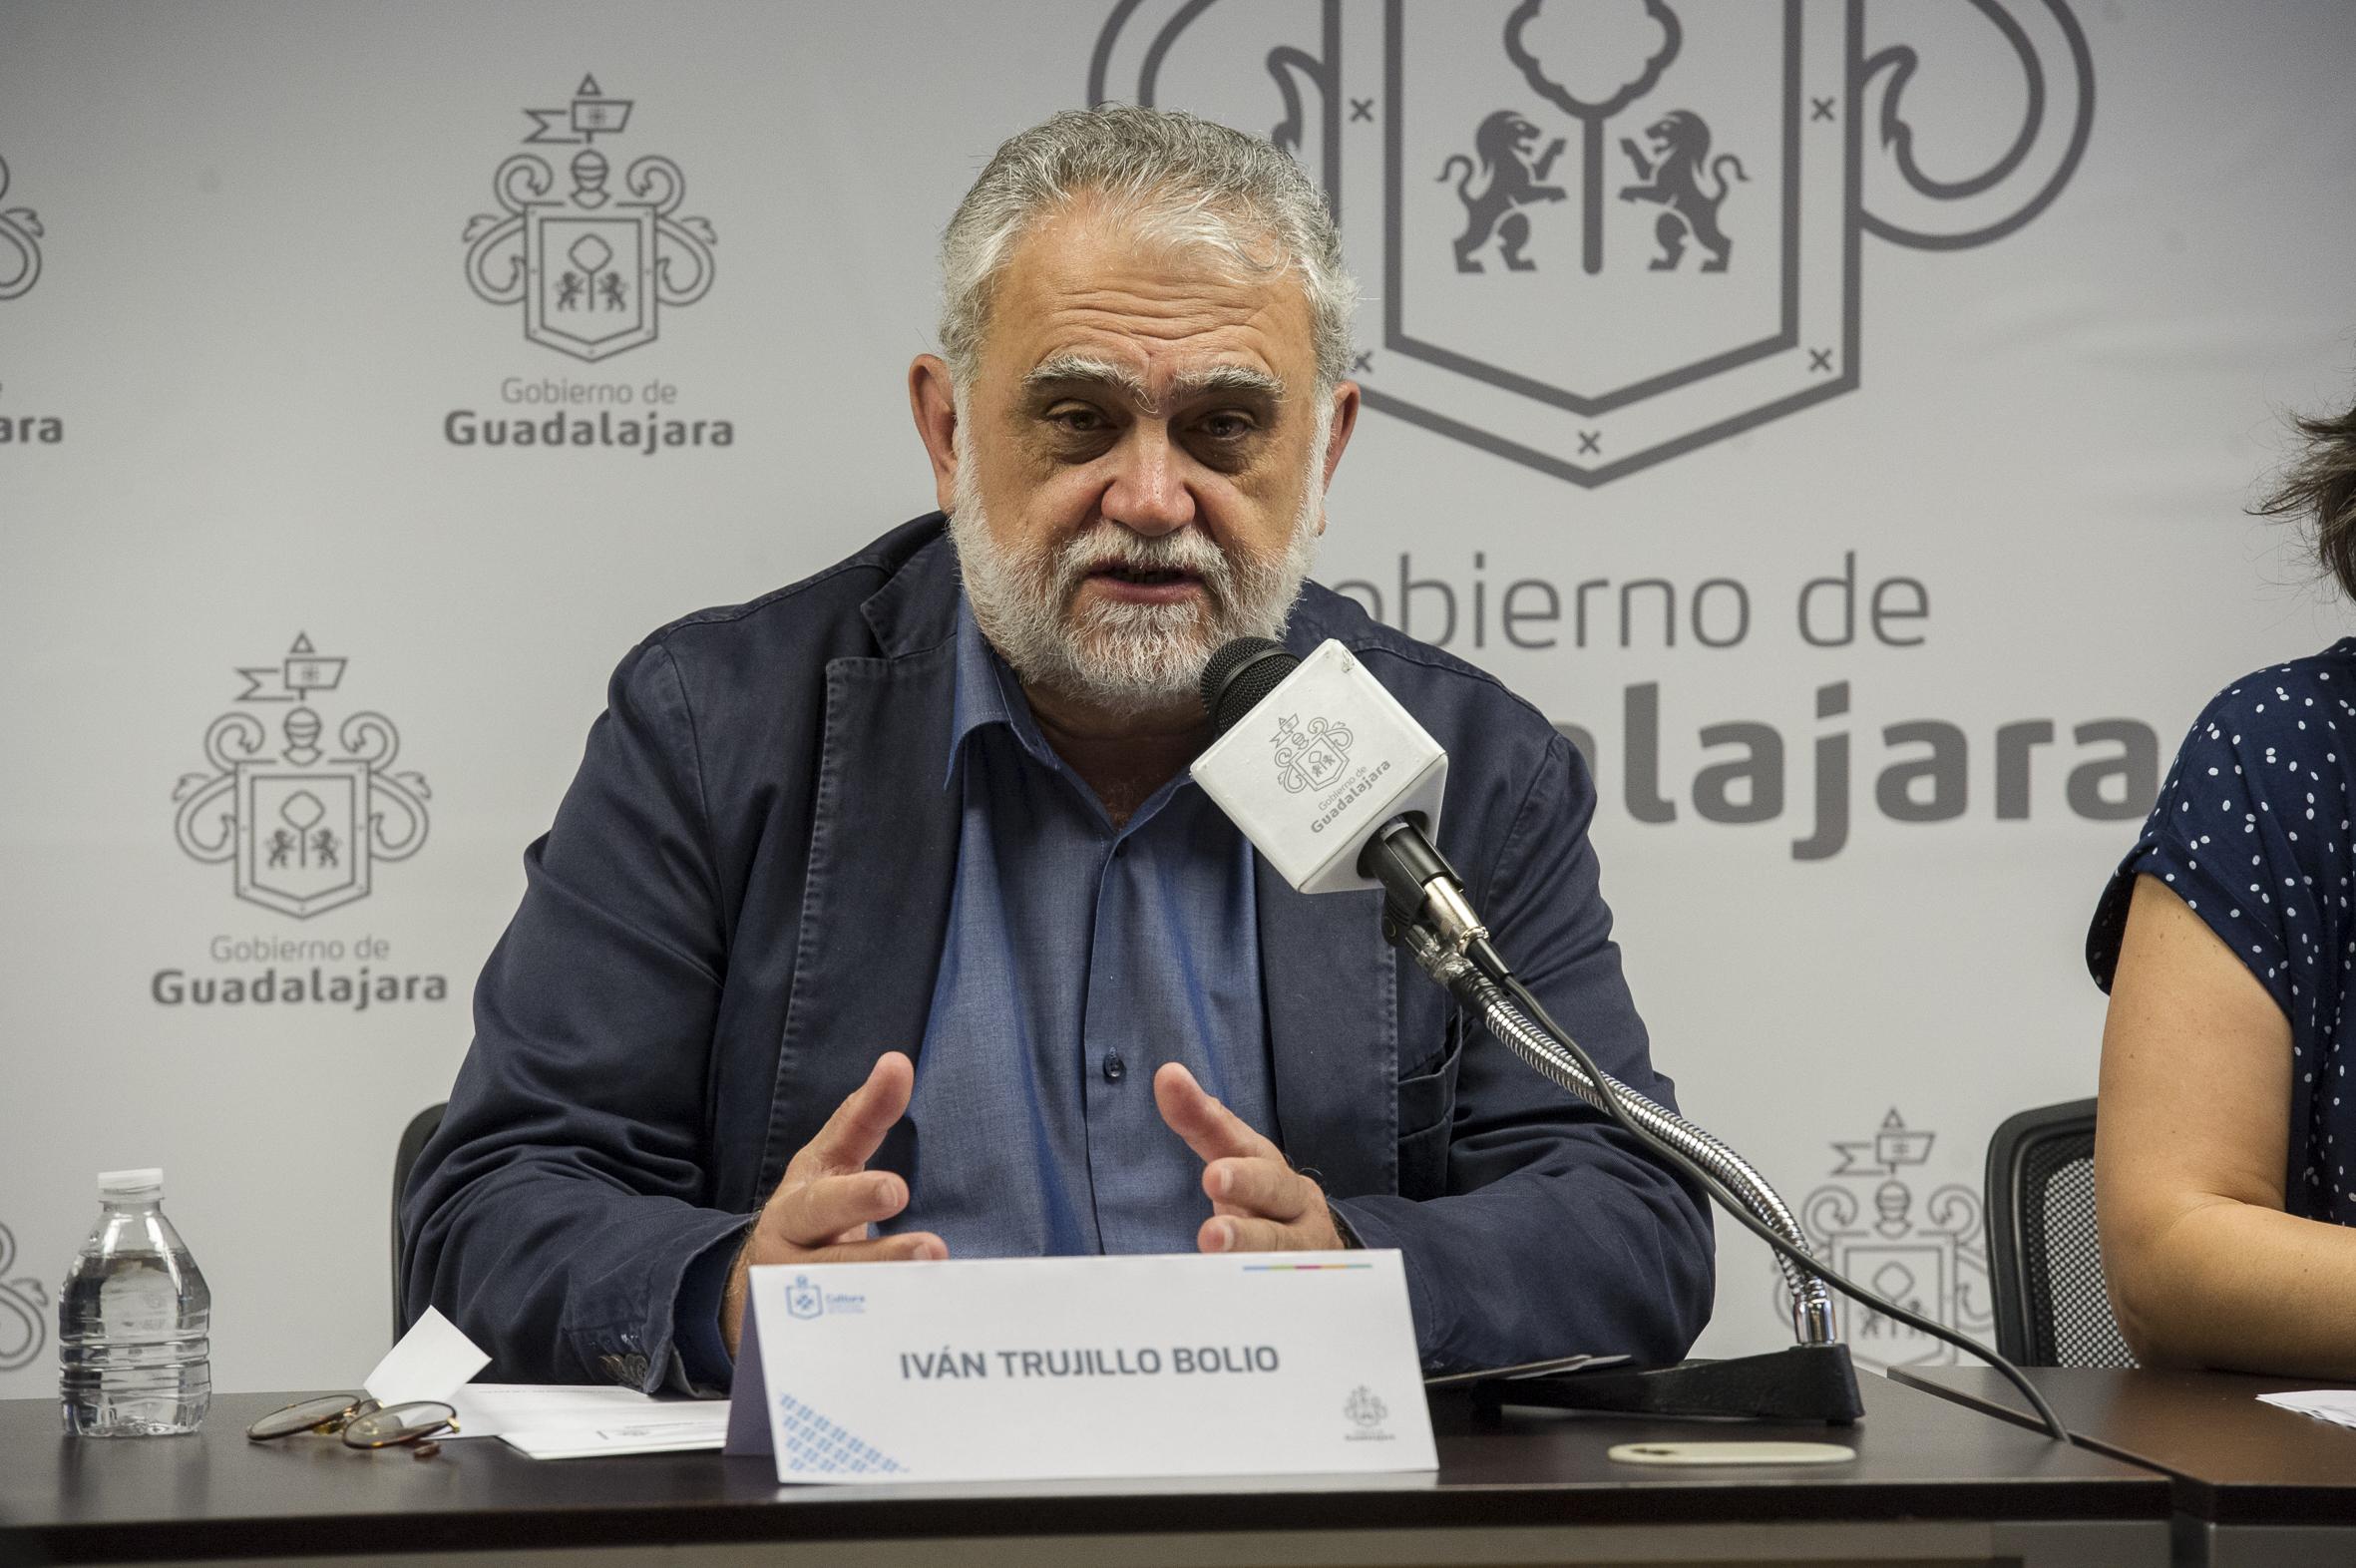 Iván Trujillo Bolio, director del FICG haciendo uso de la palabra